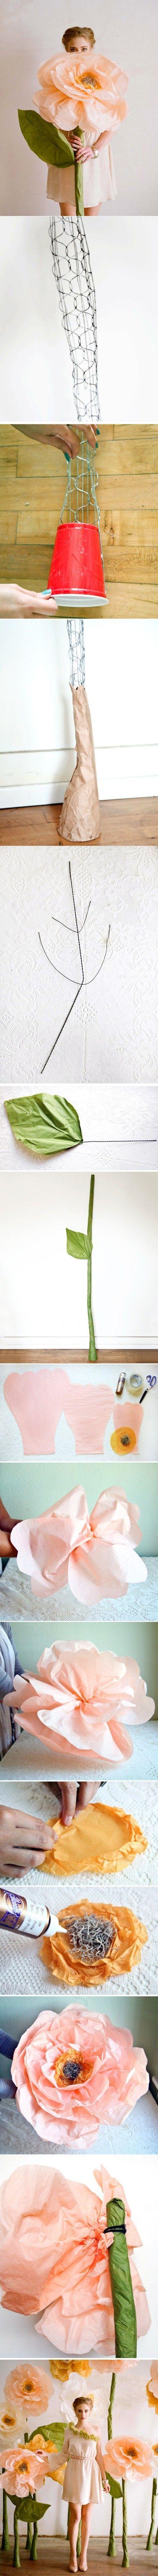 Duże kwiaty - krok po kroku